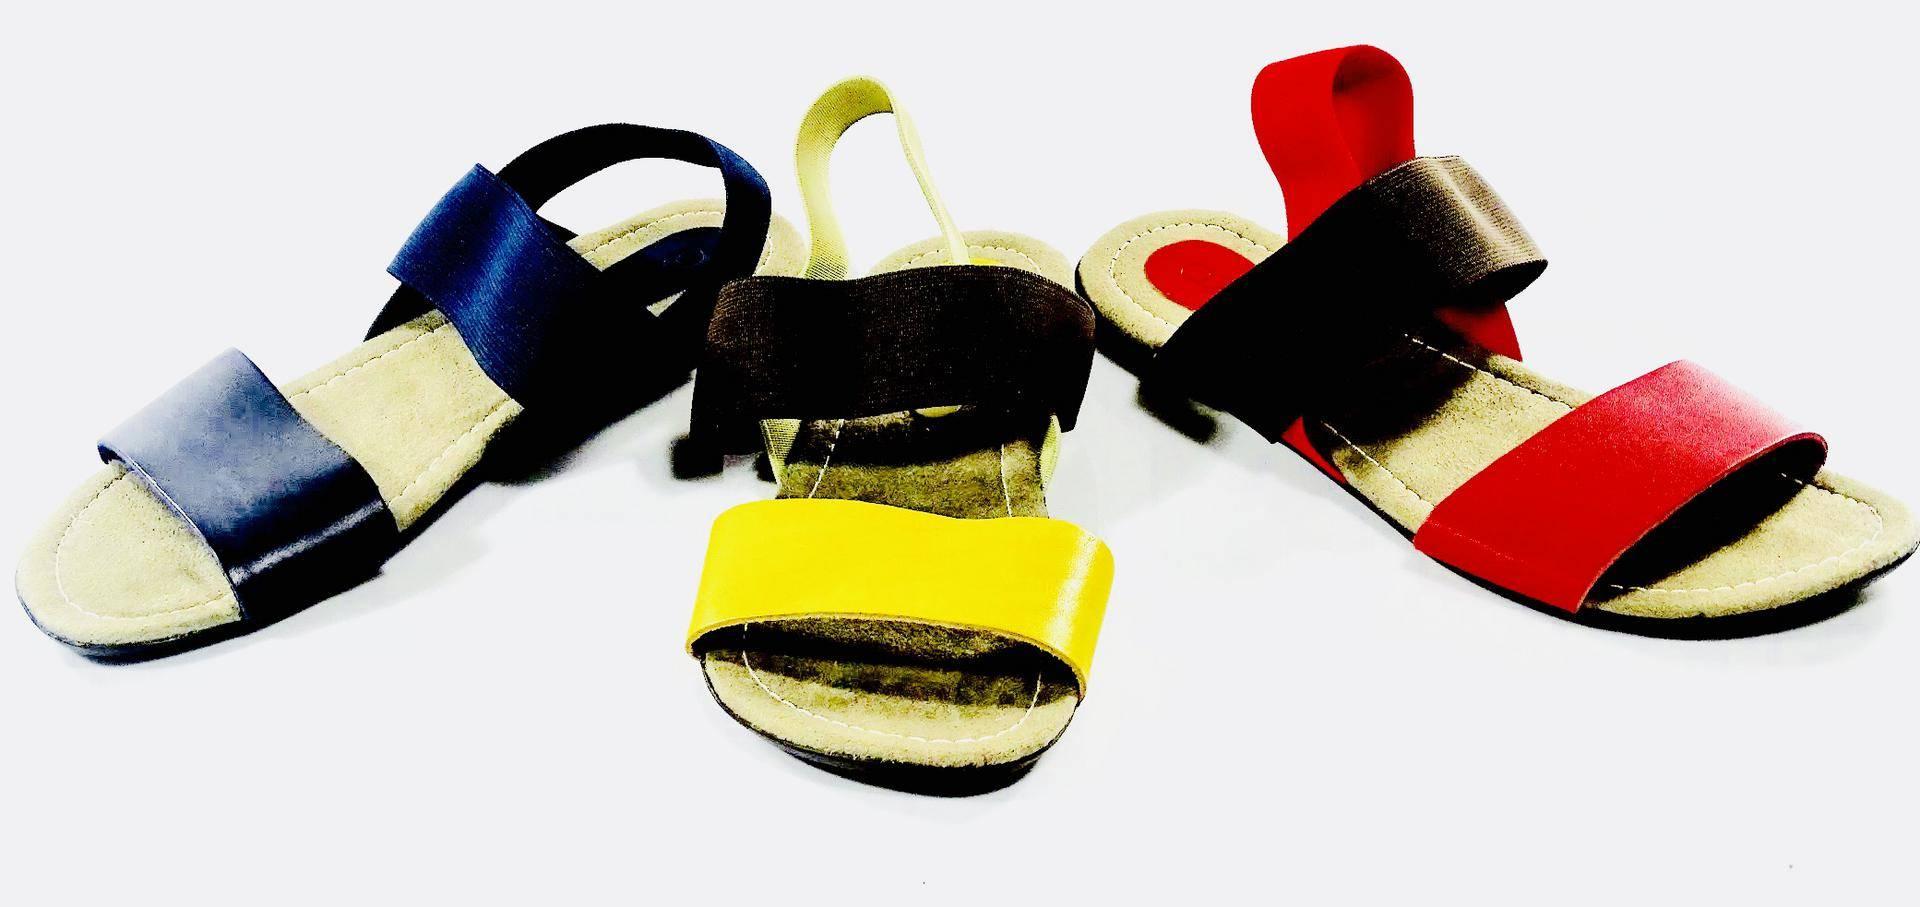 www.juicysantos.com.br - sandálias de couro legítimo azzuli